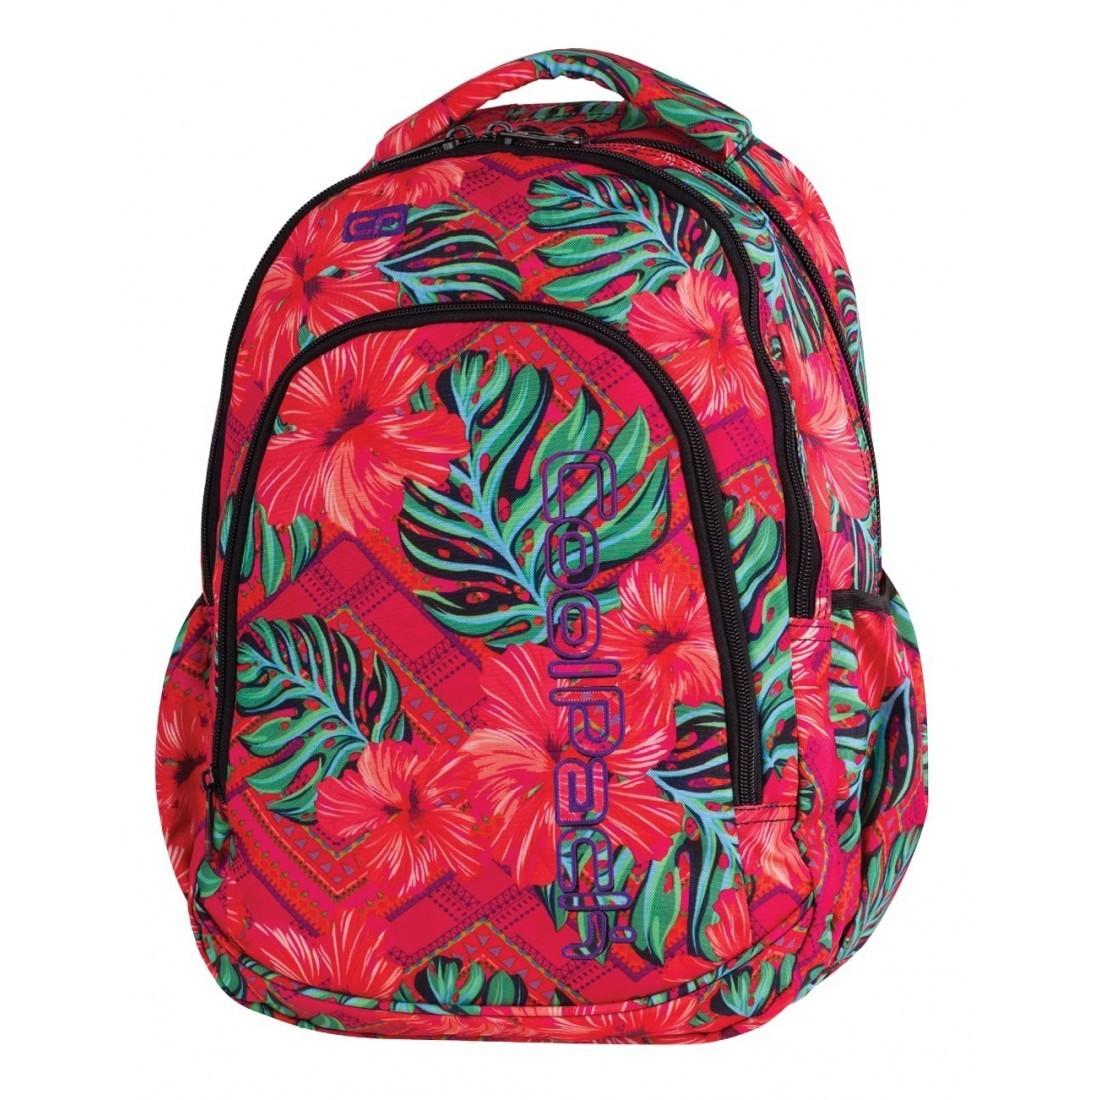 7b746b90da78b Plecak dla pierwszoklasisty CoolPack CP PRIME CARIBBEAN BEACH 1062  egzotyczne kwiaty